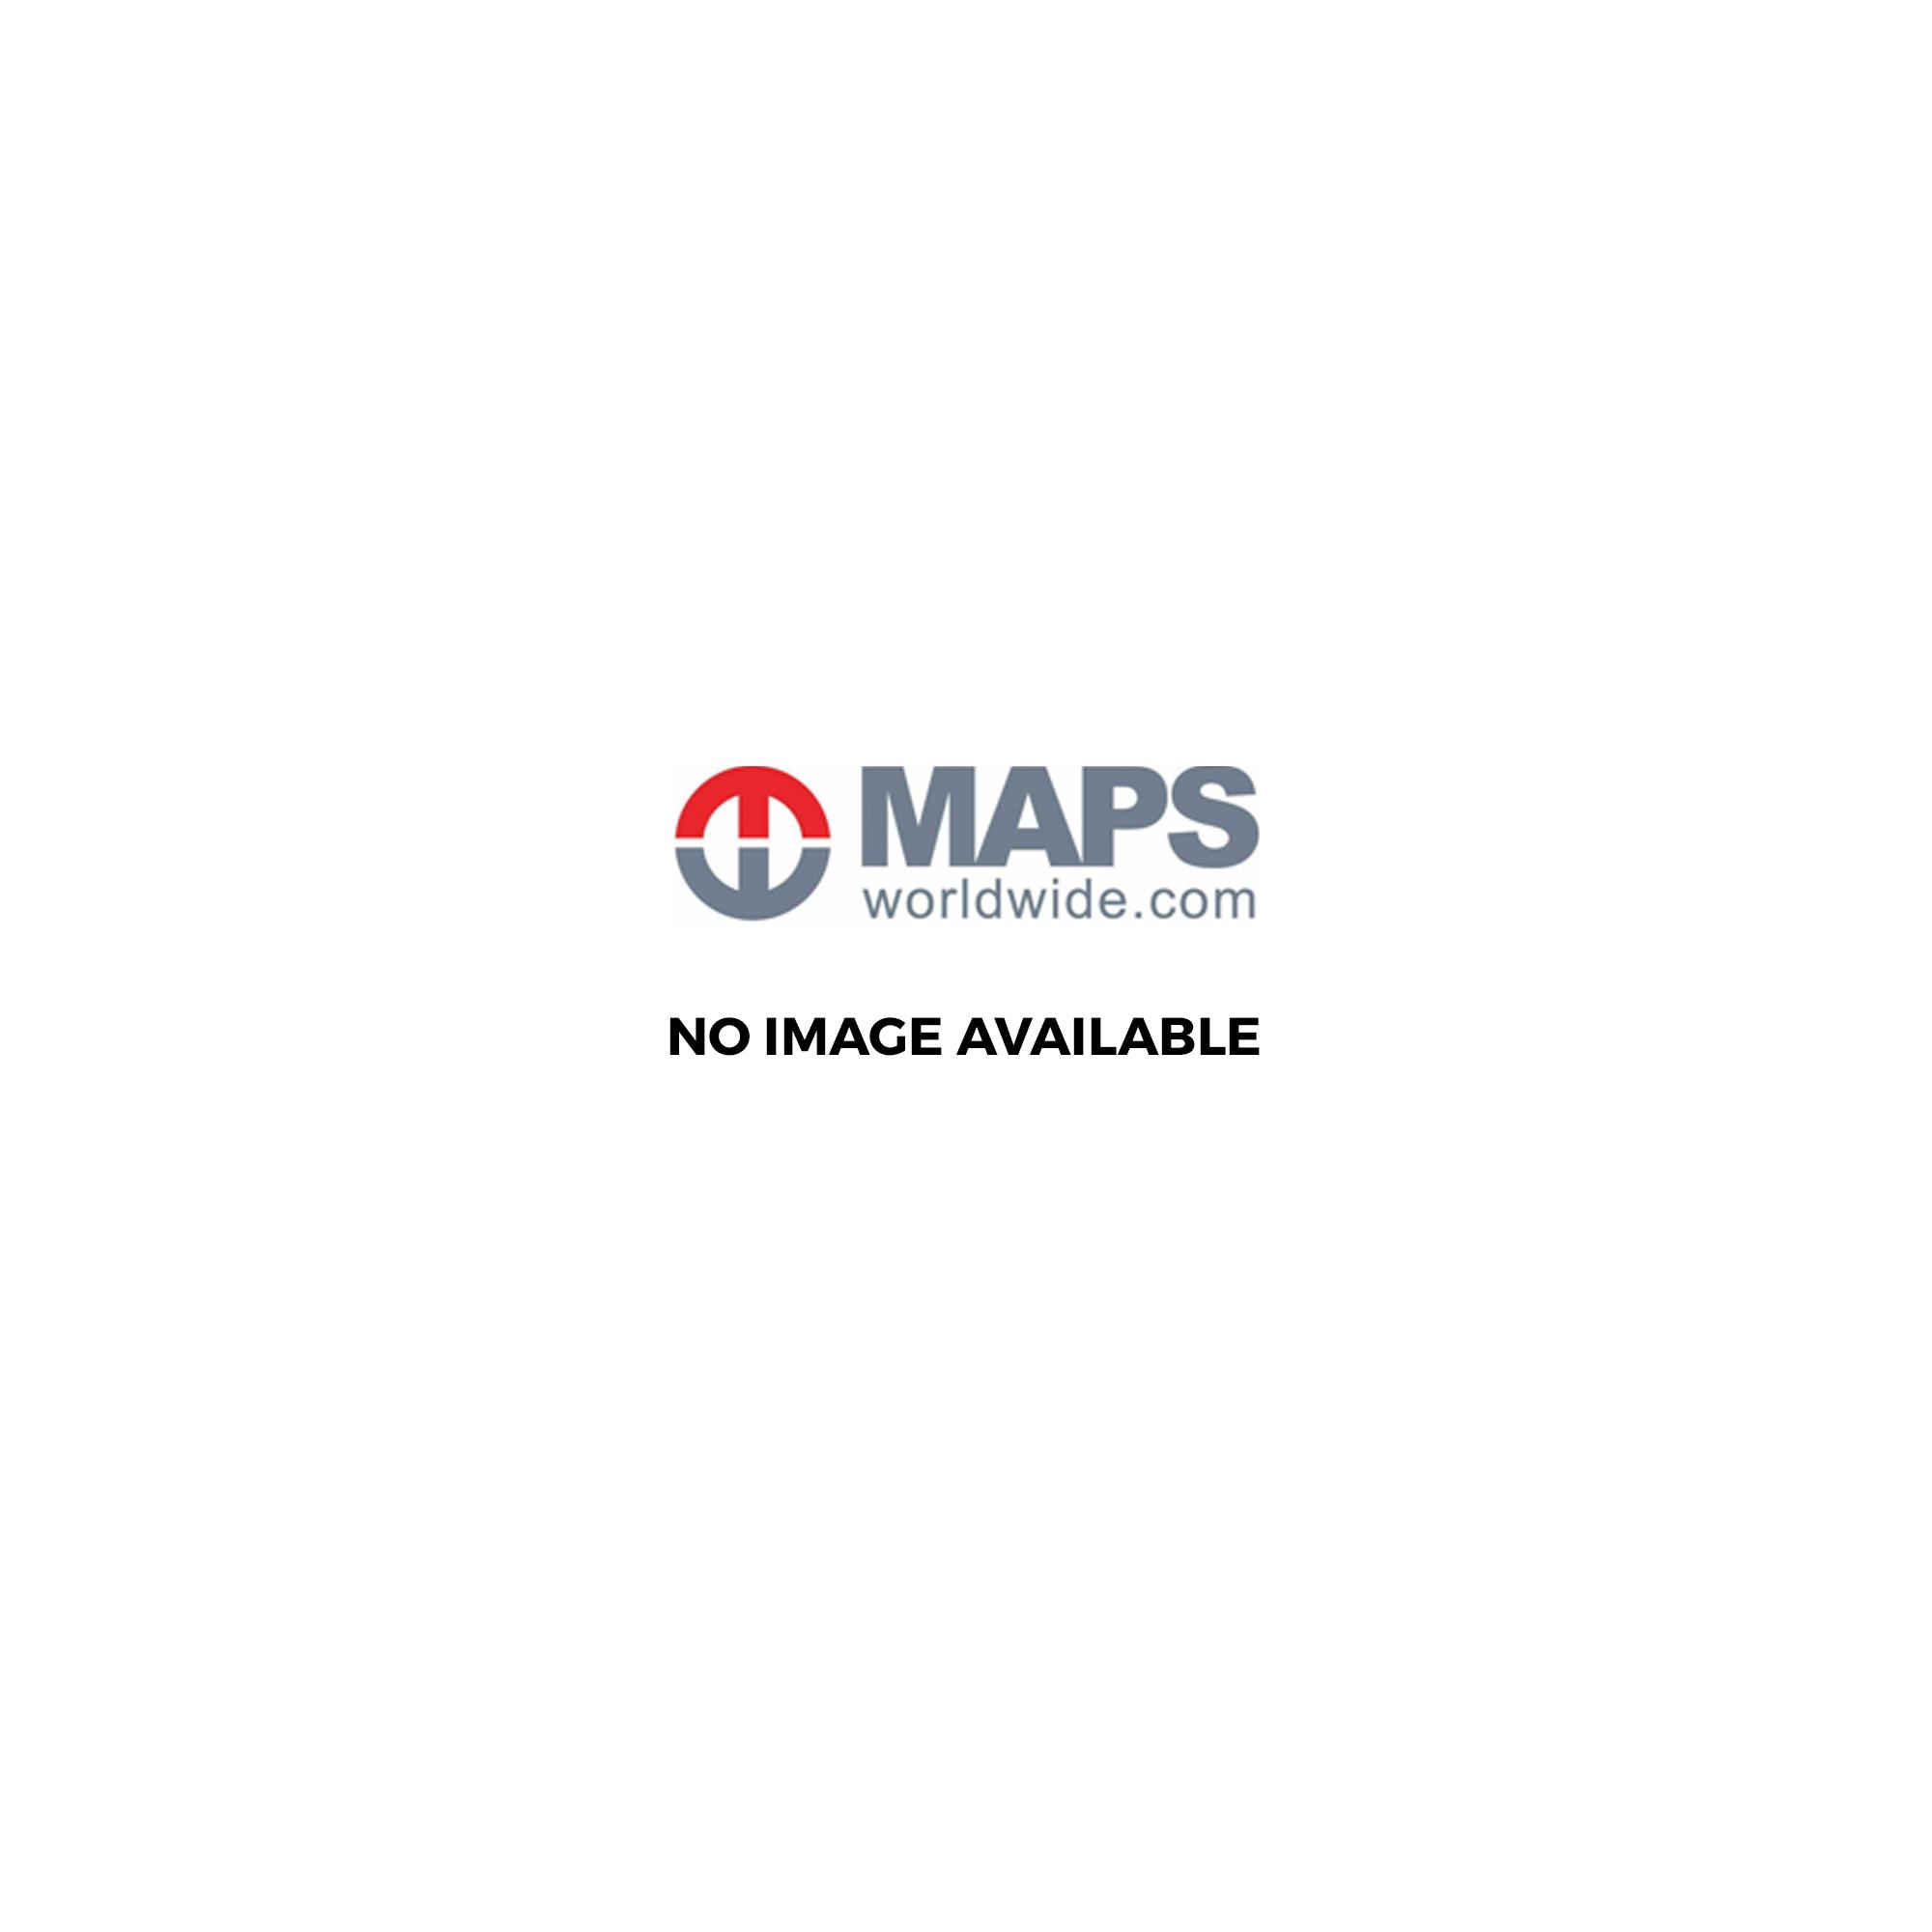 Mexico Sonora / Chihuahua Travel Map on map of puerto penasco mexico, map of chihuahua mexico, map of brownsville mexico, map of san rafael mexico, map of texcoco mexico, map of caborca mexico, map of rio lagartos mexico, map of bahia de kino mexico, map of navojoa mexico, map of san diego mexico, map of tuxtla gutierrez mexico, map of tabasco mexico, map of comala mexico, map of cortez mexico, map of queretaro mexico, map of san pancho mexico, map of yucatán mexico, map of isla holbox mexico, map of tlaxcala mexico, map of mexico states,